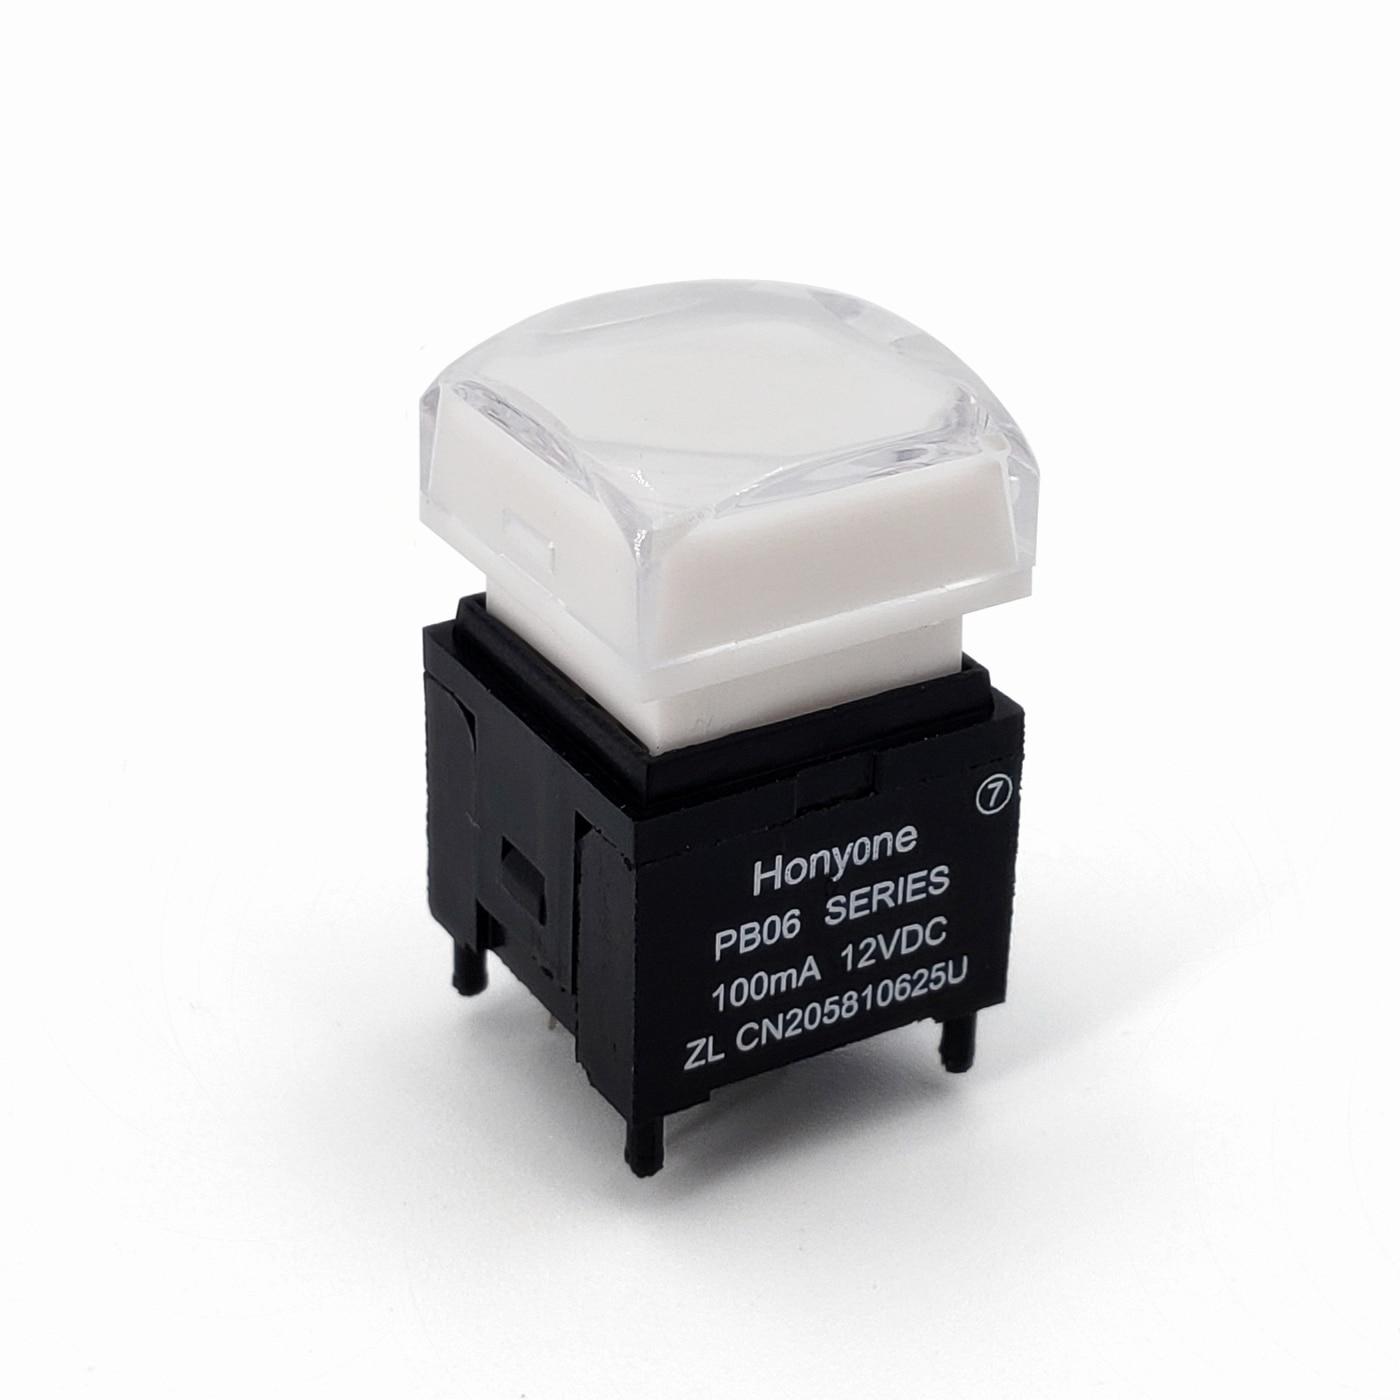 Quadrado 15*15mm da série de PB06-B com interruptor momentâneo do botão do pwb do auto-retorno de spst do diodo emissor de luz para o processador video